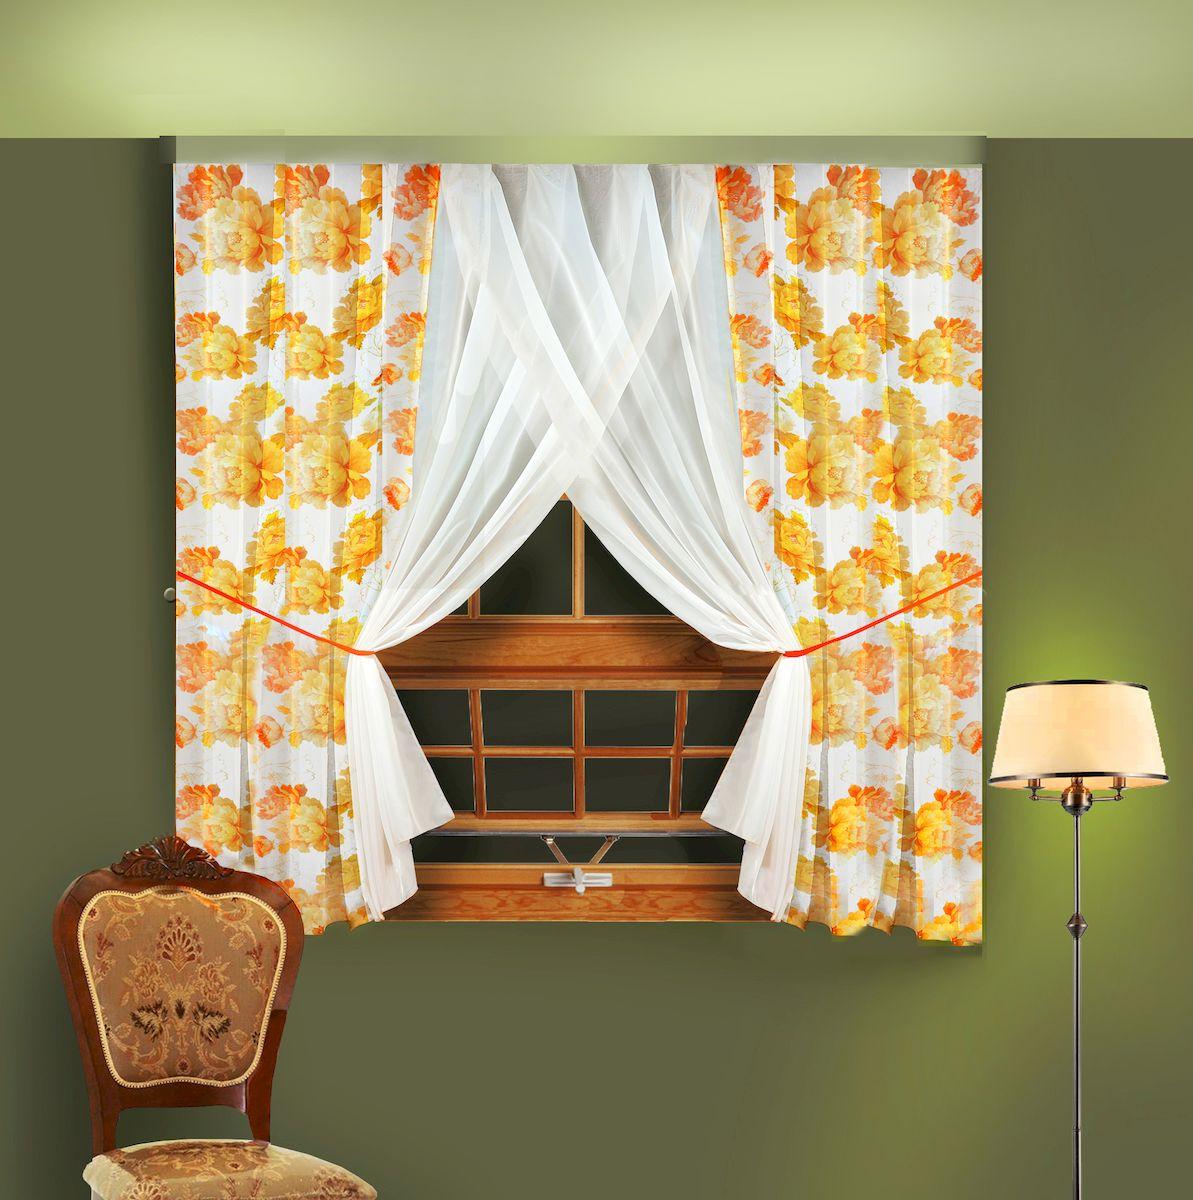 Комплект штор для кухни Zlata Korunka, на ленте, цвет: желтый, высота 180 см. 5566455664Комплект штор для кухни Zlata Korunka, выполненный из полиэстера, великолепно украсит любое окно. Комплект состоит из 2 штор и 2 подхватов. Крупный цветочный рисунок и приятная цветовая гамма привлекут к себе внимание и органично впишутся в интерьер помещения. Этот комплект будет долгое время радовать вас и вашу семью! Комплект крепится на карниз при помощи ленты, которая поможет красиво и равномерно задрапировать верх. В комплект входит: Штора: 2 шт. Размер (Ш х В): 180 х 180 см. Подхват: 2 шт.